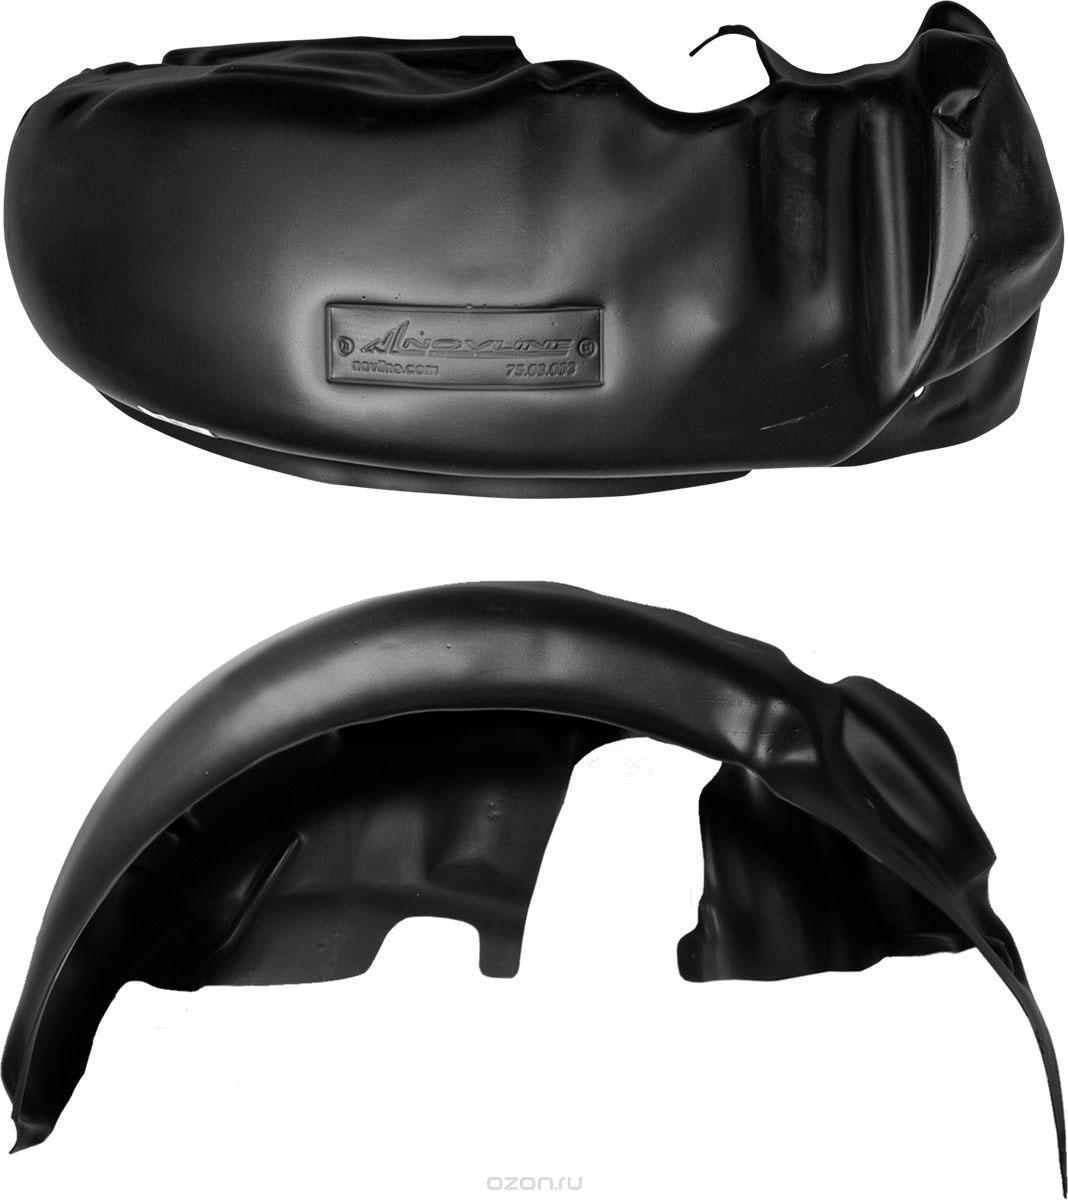 Подкрылок Novline-Autofamily, для Brilliance H230, 04/2015->, передний левыйNLL.95.02.001Идеальная защита колесной ниши. Локеры разработаны с применением цифровых технологий, гарантируют максимальную повторяемость поверхности арки. Изделия устанавливаются без нарушения лакокрасочного покрытия автомобиля, каждый подкрылок комплектуется крепежом. Уважаемые клиенты, обращаем ваше внимание, что фотографии на подкрылки универсальные и не отражают реальную форму изделия. При этом само изделие идет точно под размер указанного автомобиля.